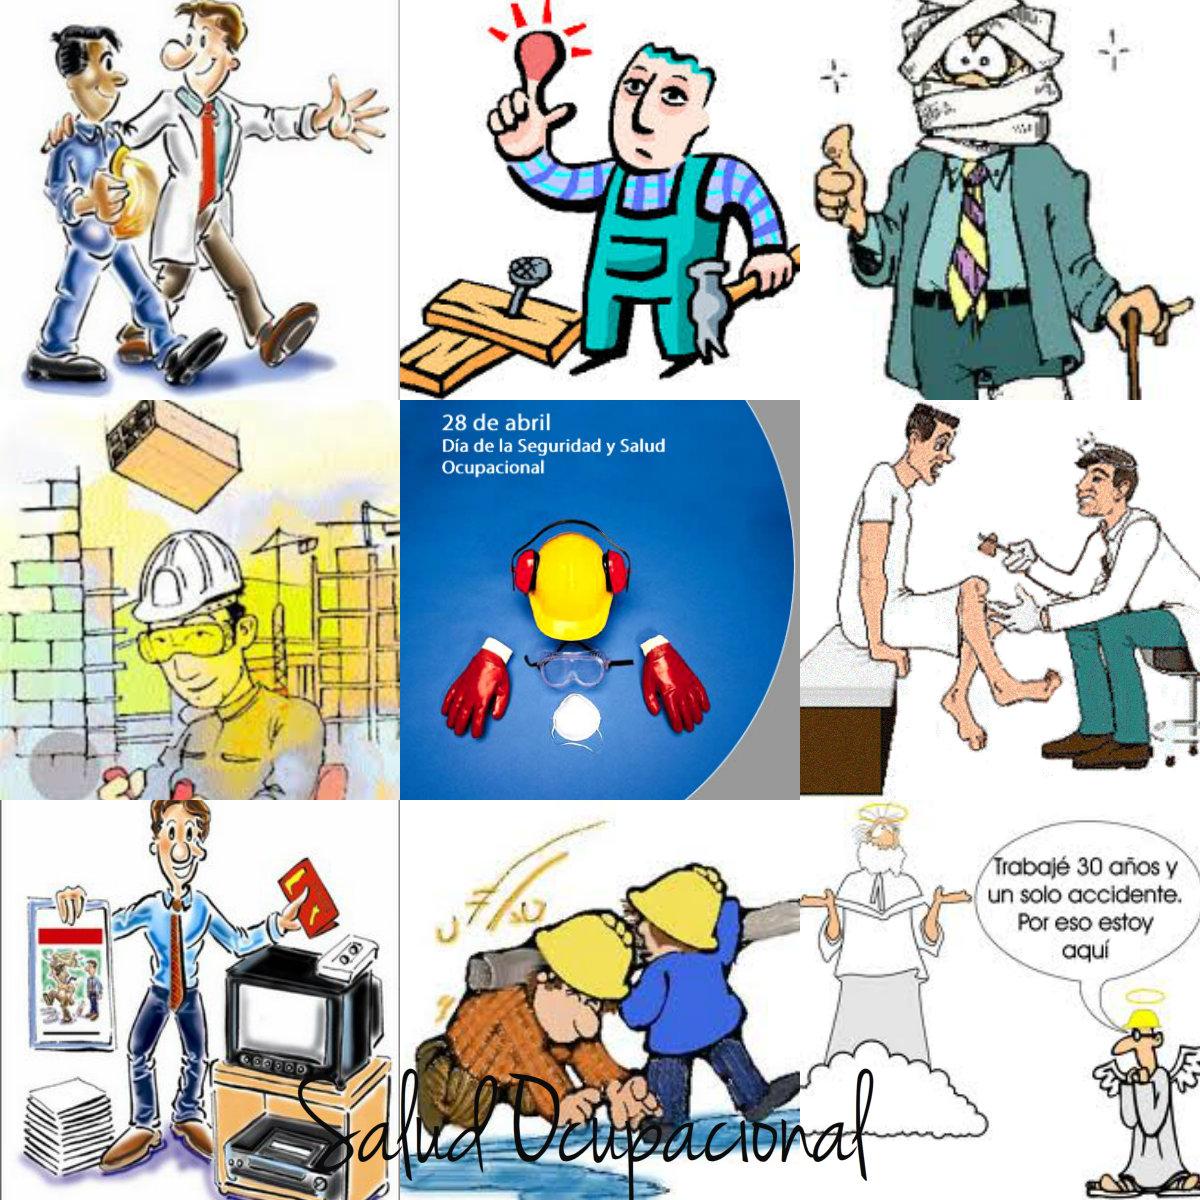 imagen salud ocupacional: